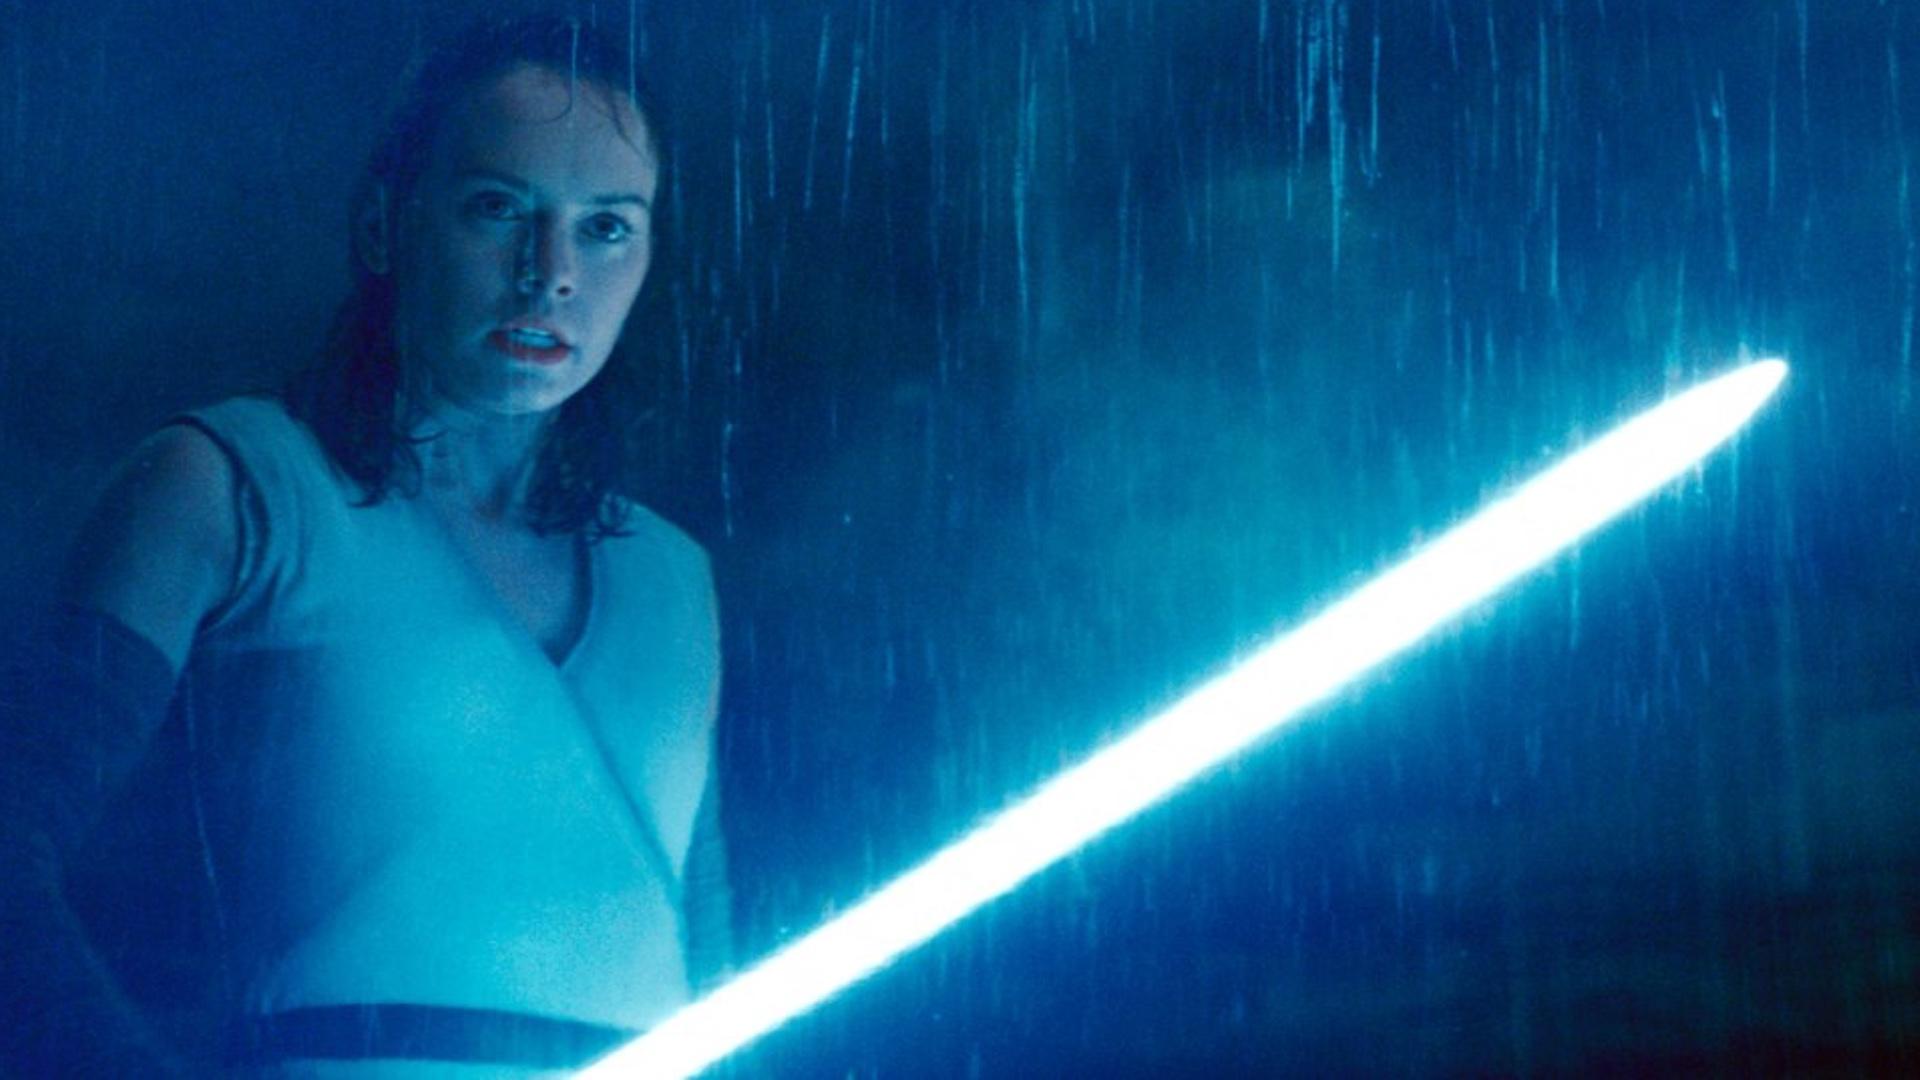 Kiszivárgott egy werkfotó a Star Wars IX forgatásáról, megőrülnek a rajongók!